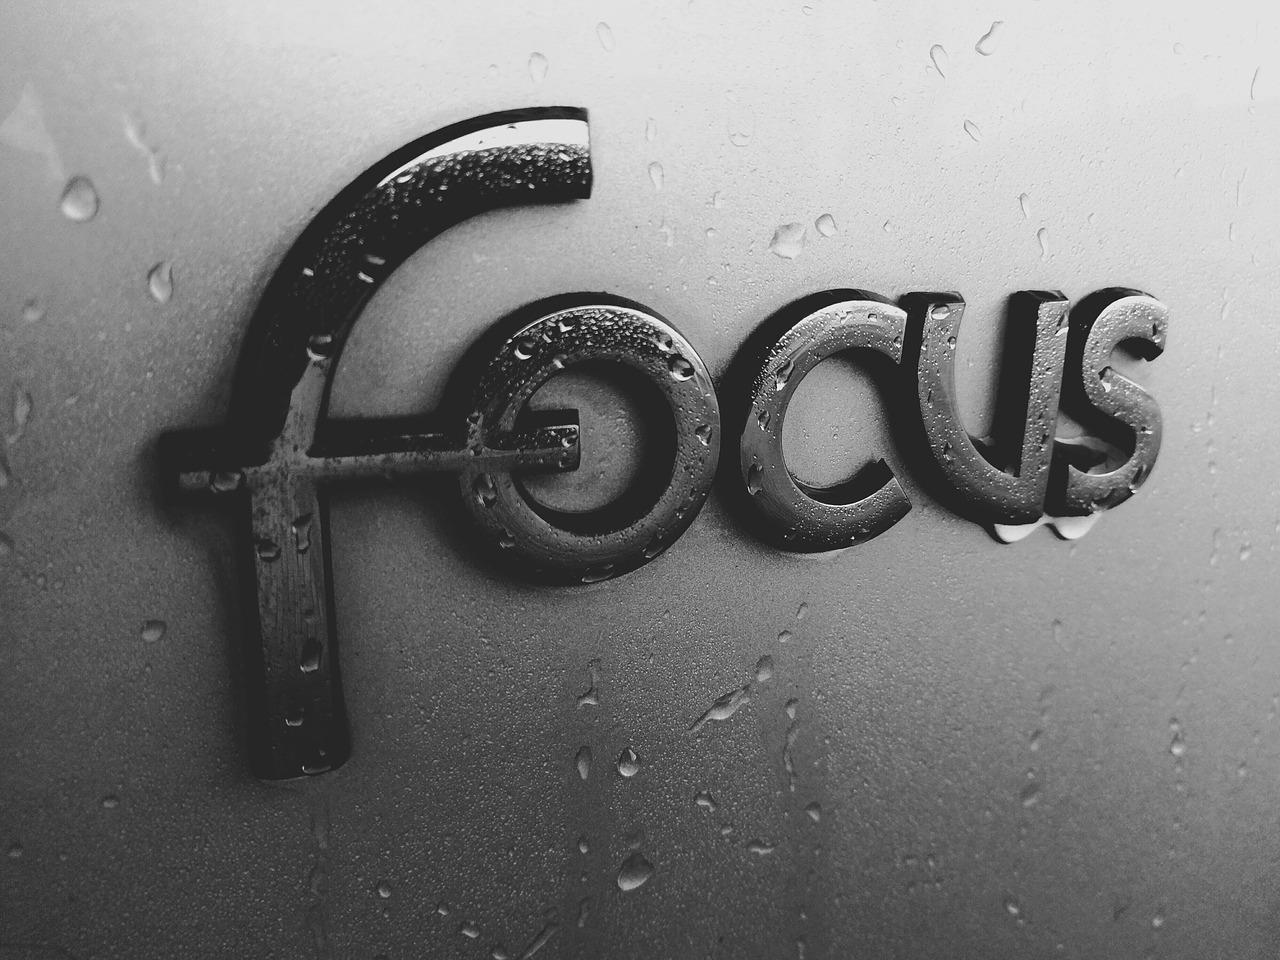 Wynajem długoterminowy a leasing. Ford focus, toyota auris – wynajem długoterminowy